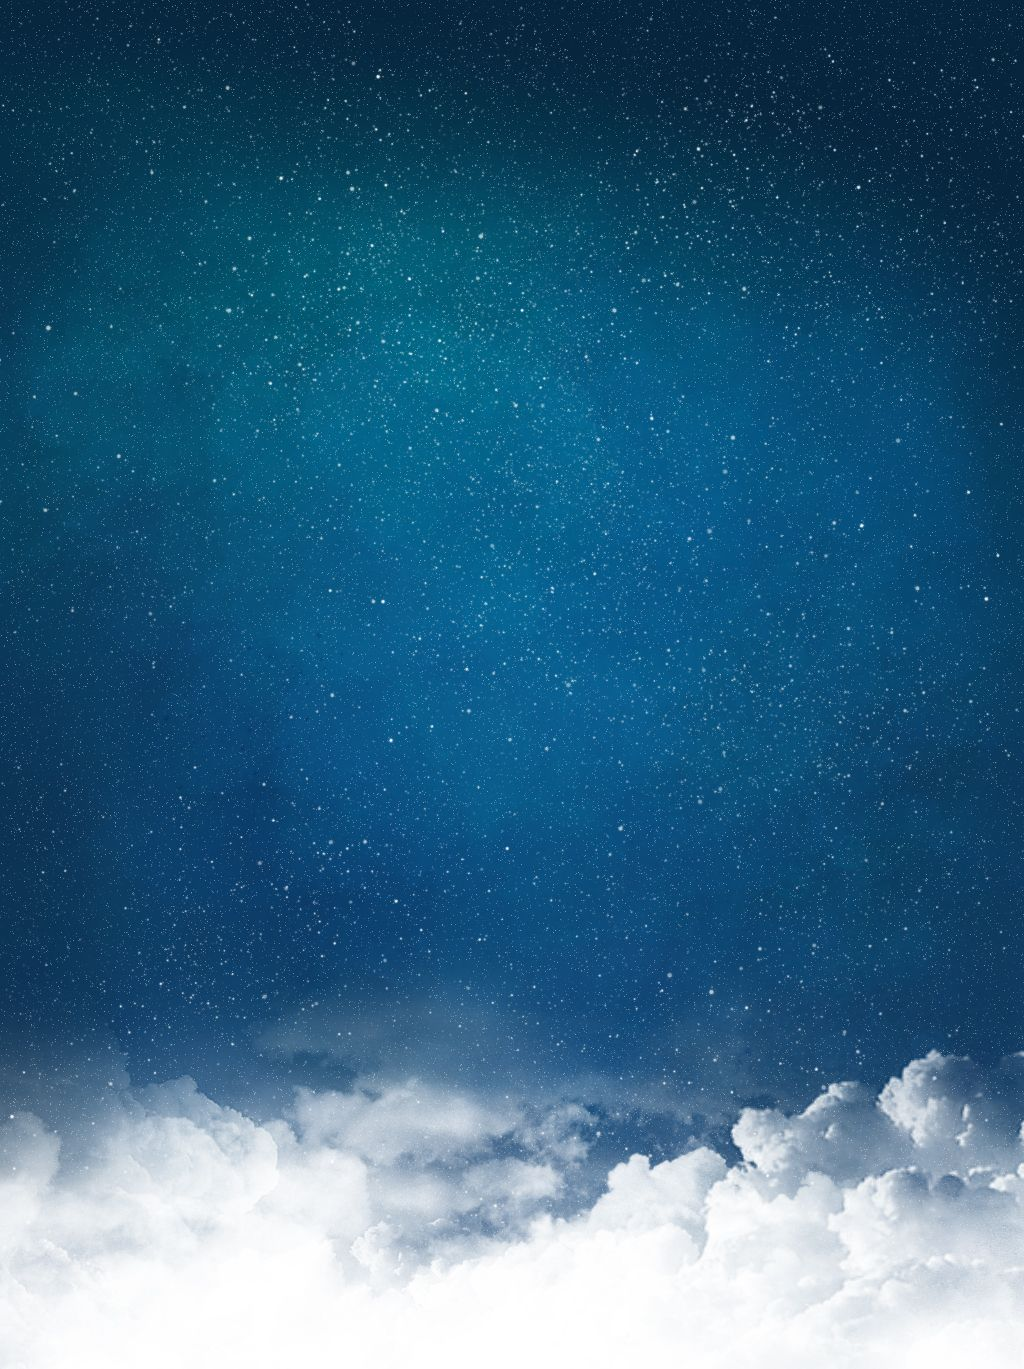 Blue Night Sky Clouds Stars Quiet Background Izobrazheniya Neba Nochnoe Nebo Zheltyj Fon